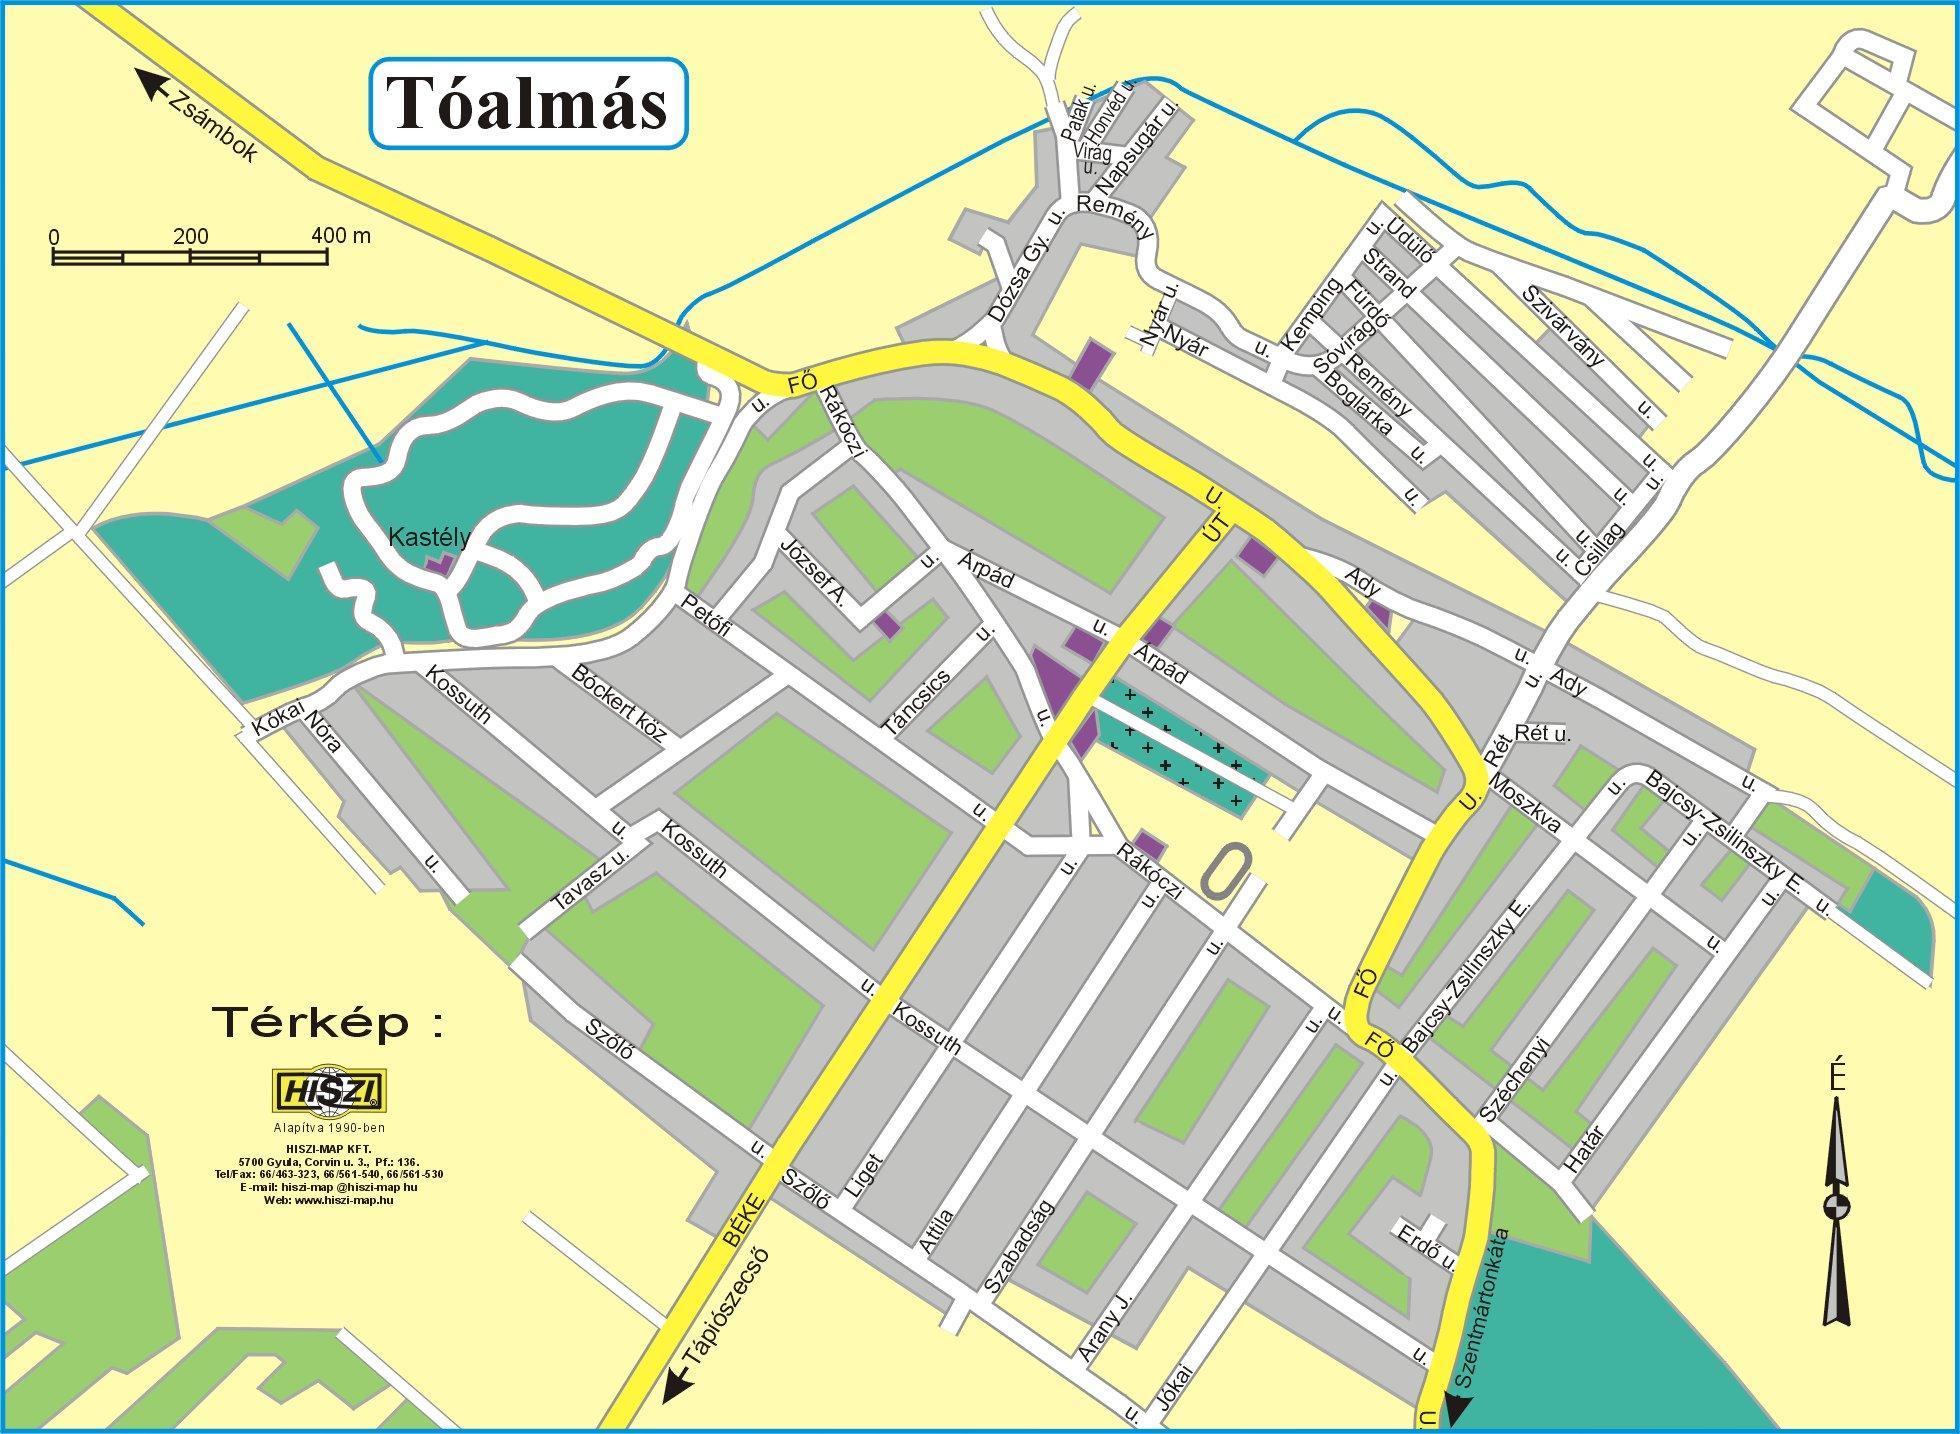 tóalmás térkép GKRTE GÖDÖLLŐ   Gödöllő és Környéke Regionális Turisztikai Egyesület tóalmás térkép